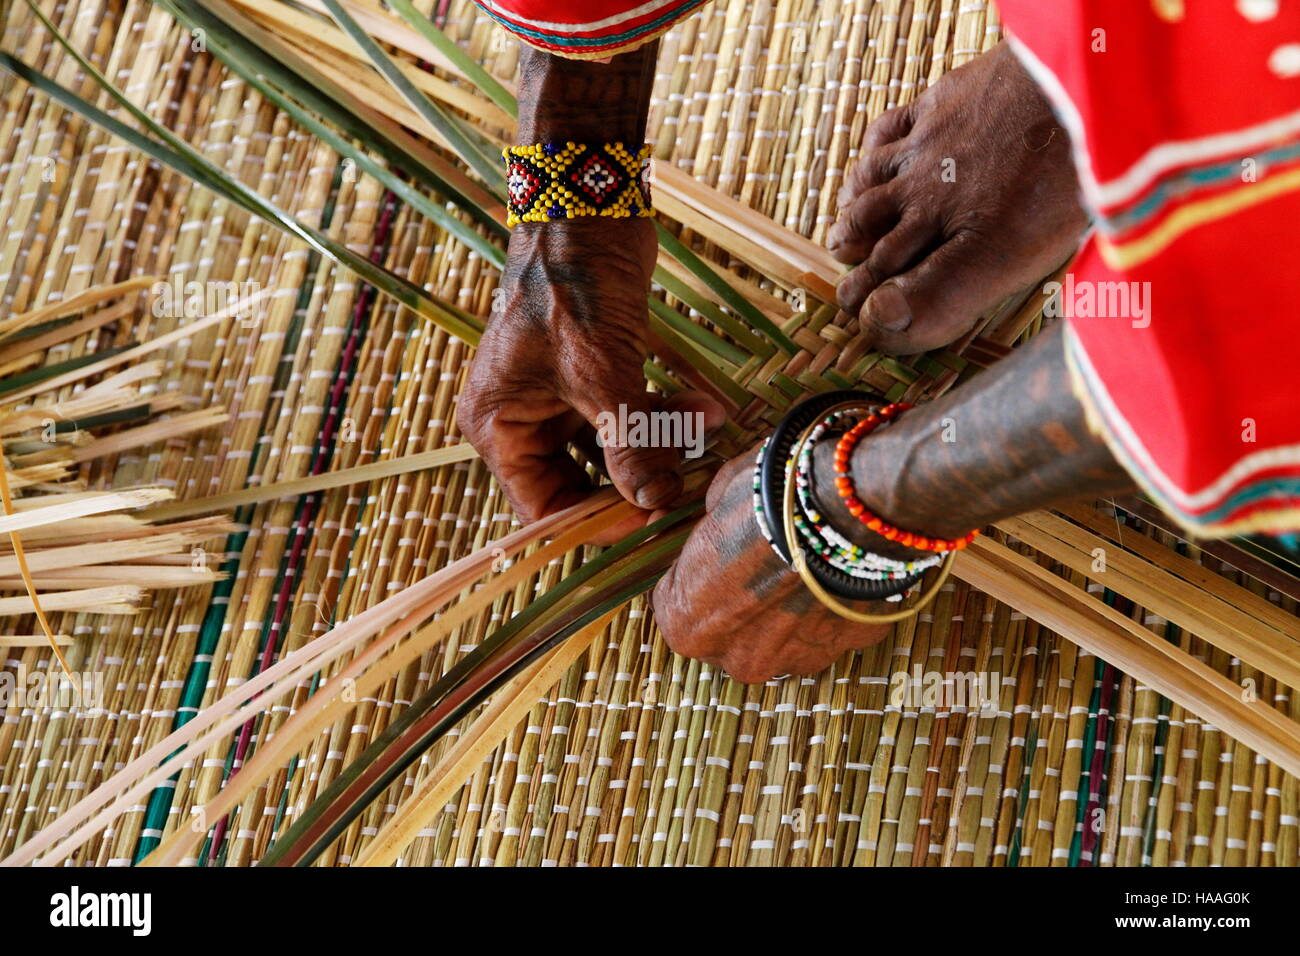 Cestello Manobo richiede di tessitura agile dita delle mani e dei piedi. Nota il tessitore tatuaggi lineare, che Immagini Stock